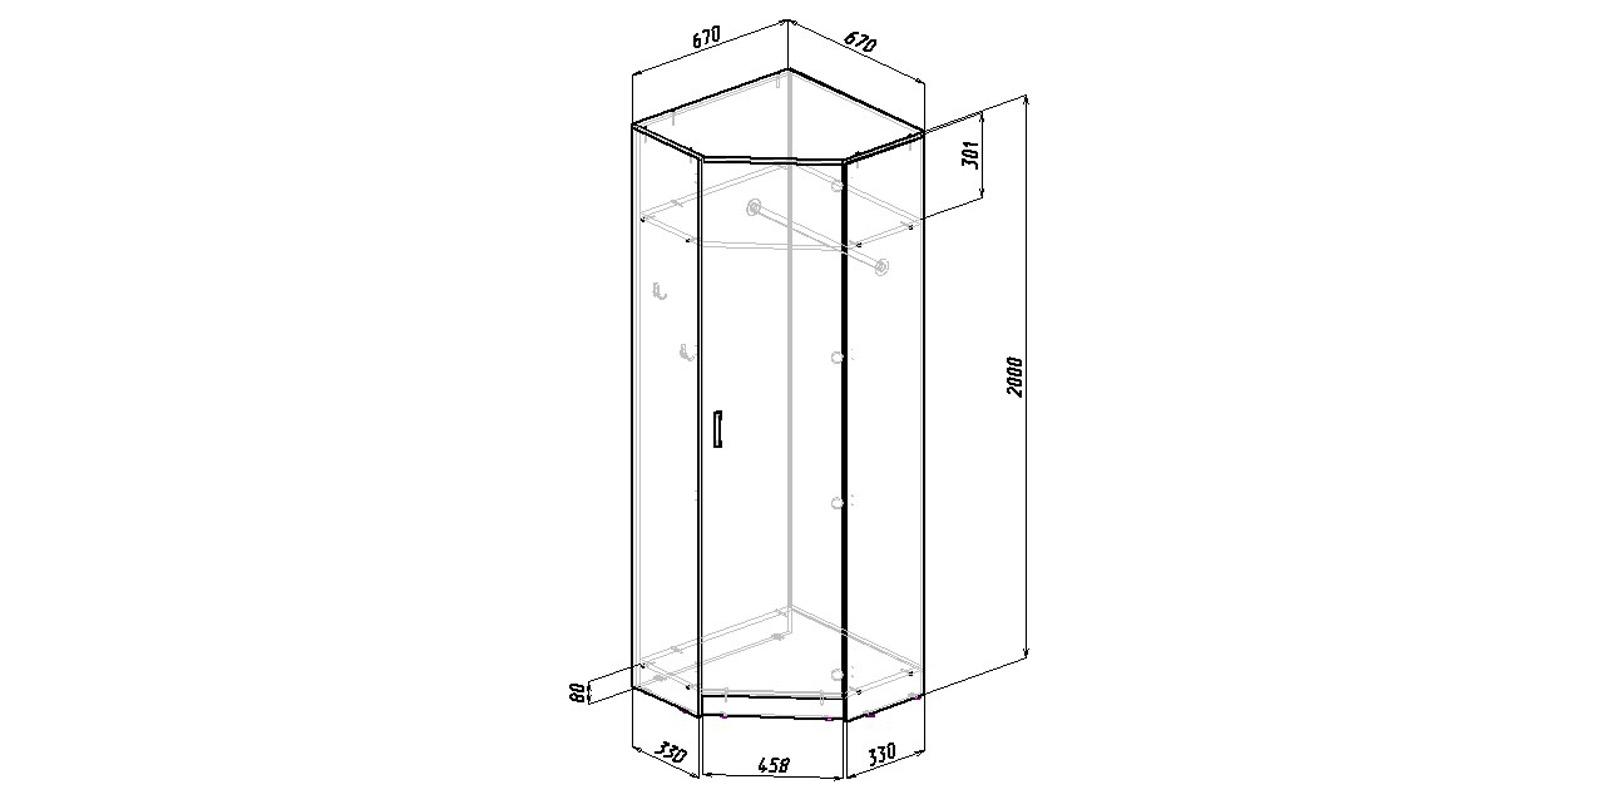 Шкаф распашной угловой Хельга вариант №1 (дуб сонома)